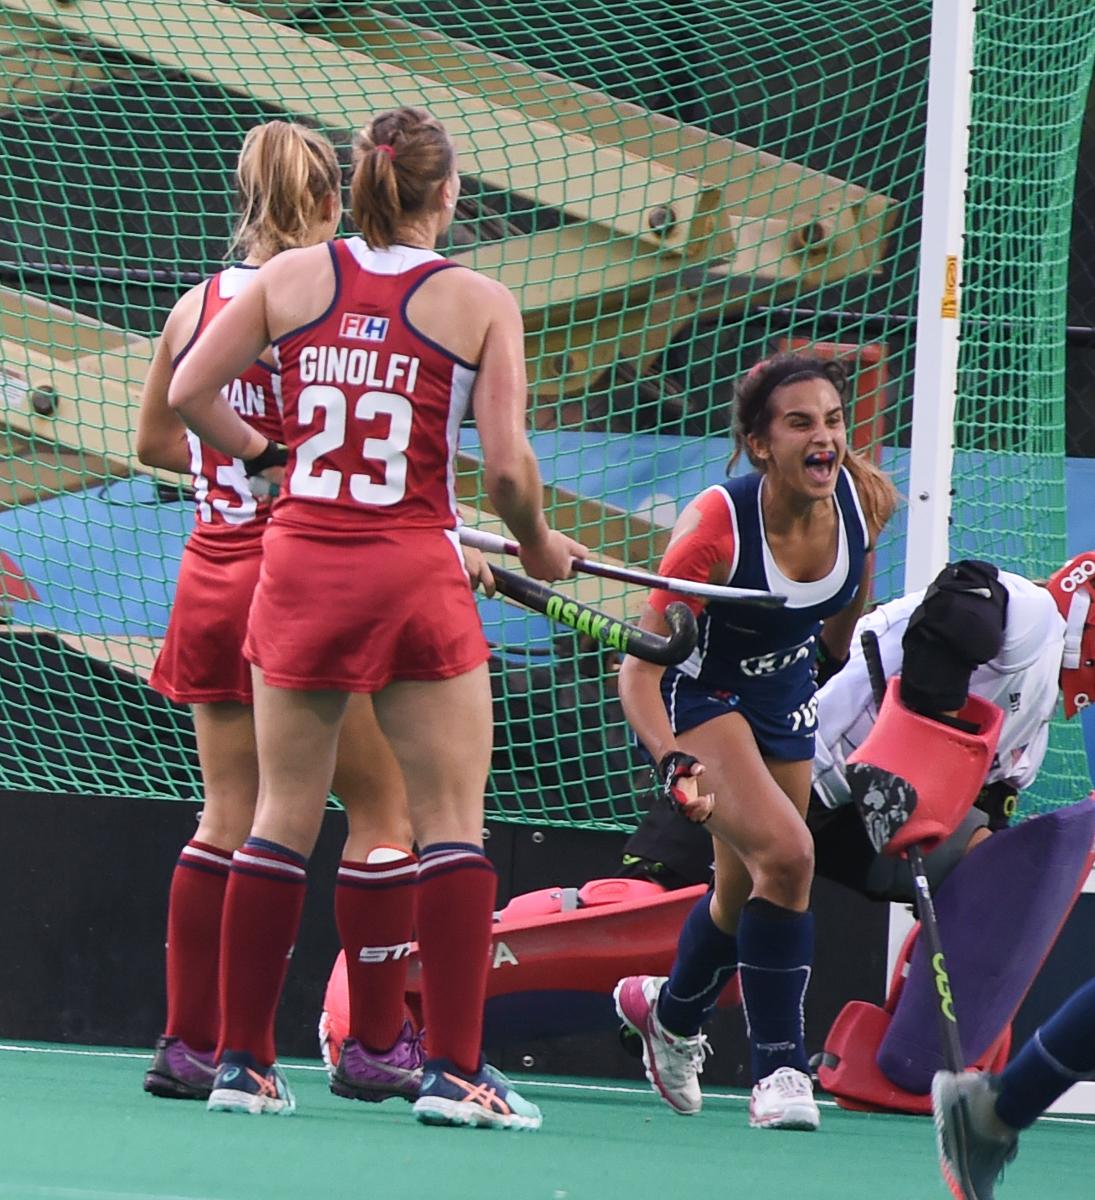 Historia pura: Chile jugará su primera final Panamericana en hockey césped femenino